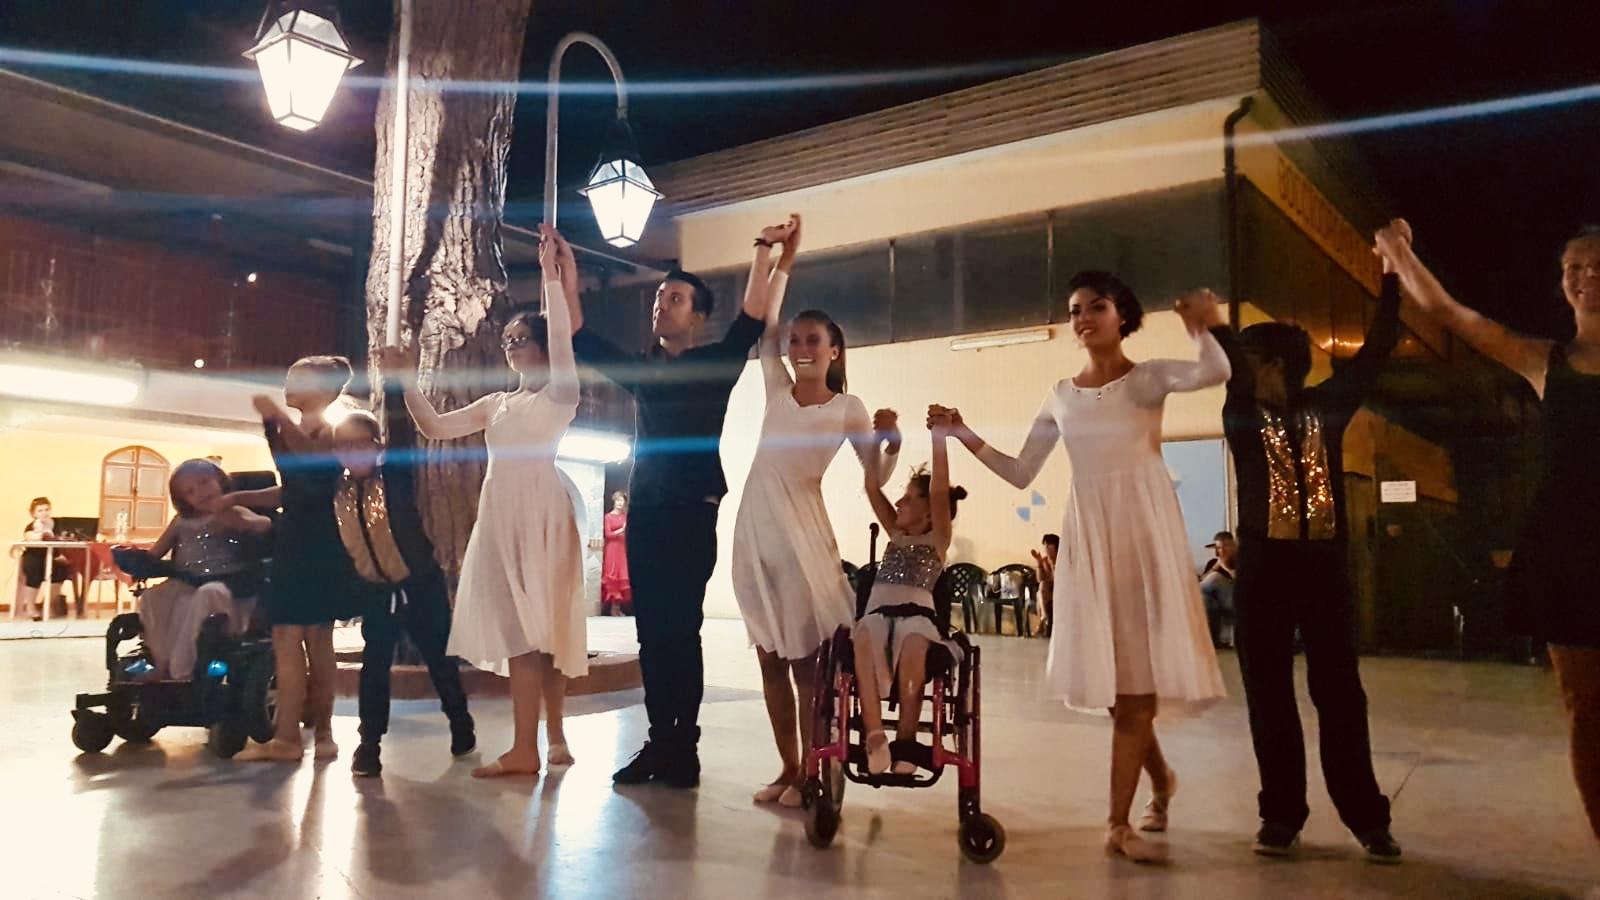 Finalmente riprendono i corsi di Danza Paralimpica alla ASD Semplicemente Danza di Savona